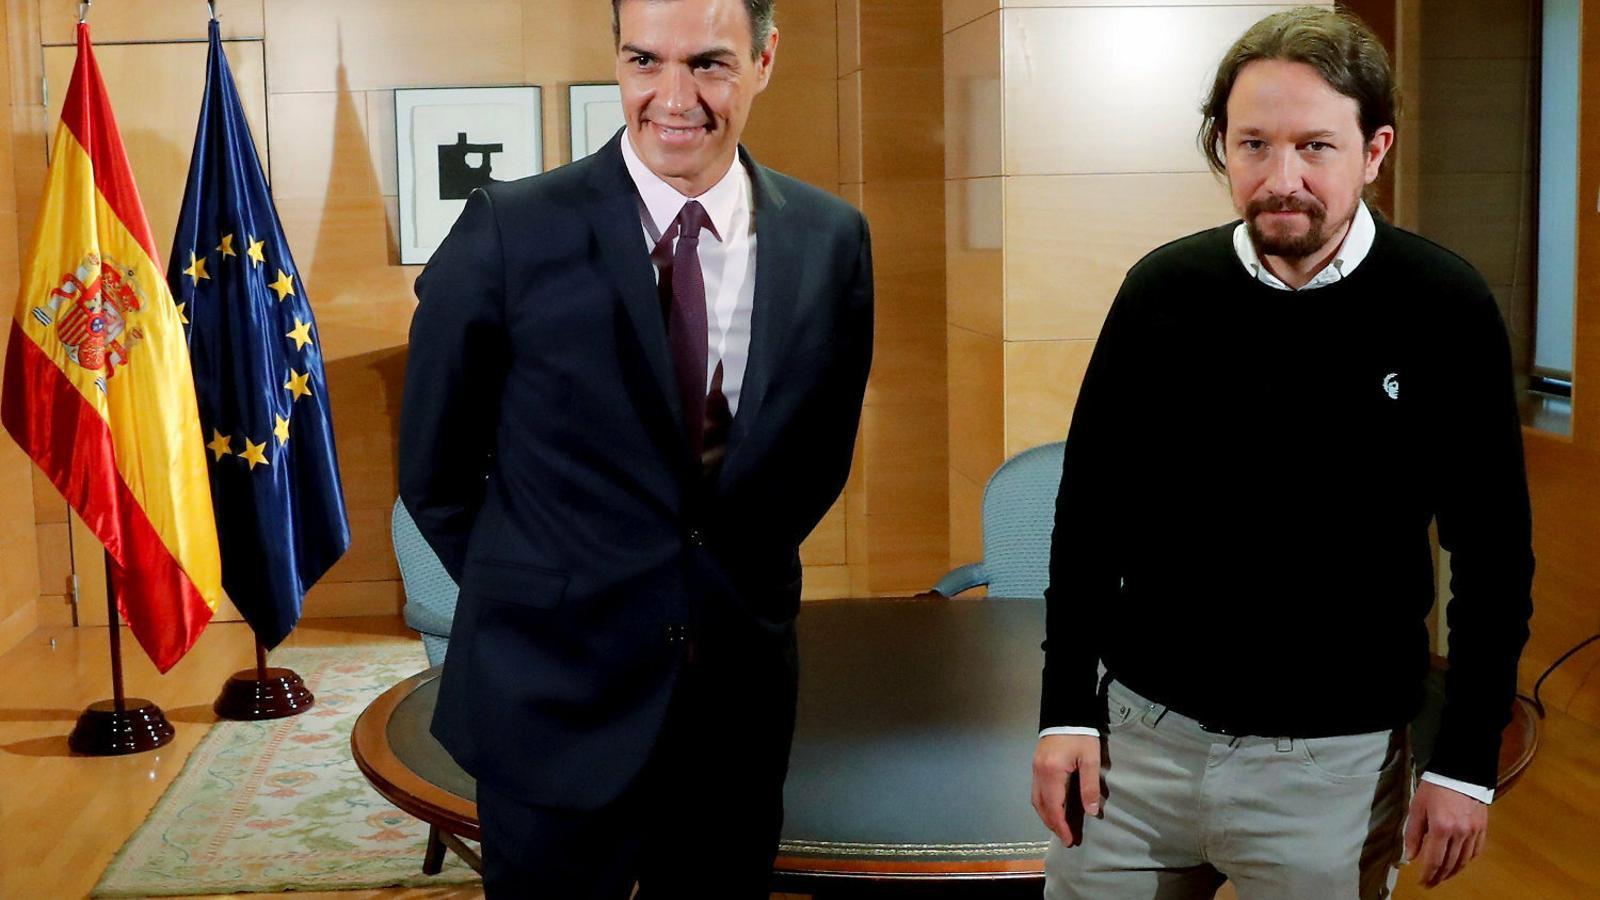 Pedro Sánchez i Pablo Iglesias durant una reunió a la Moncloa el 7 de maig.